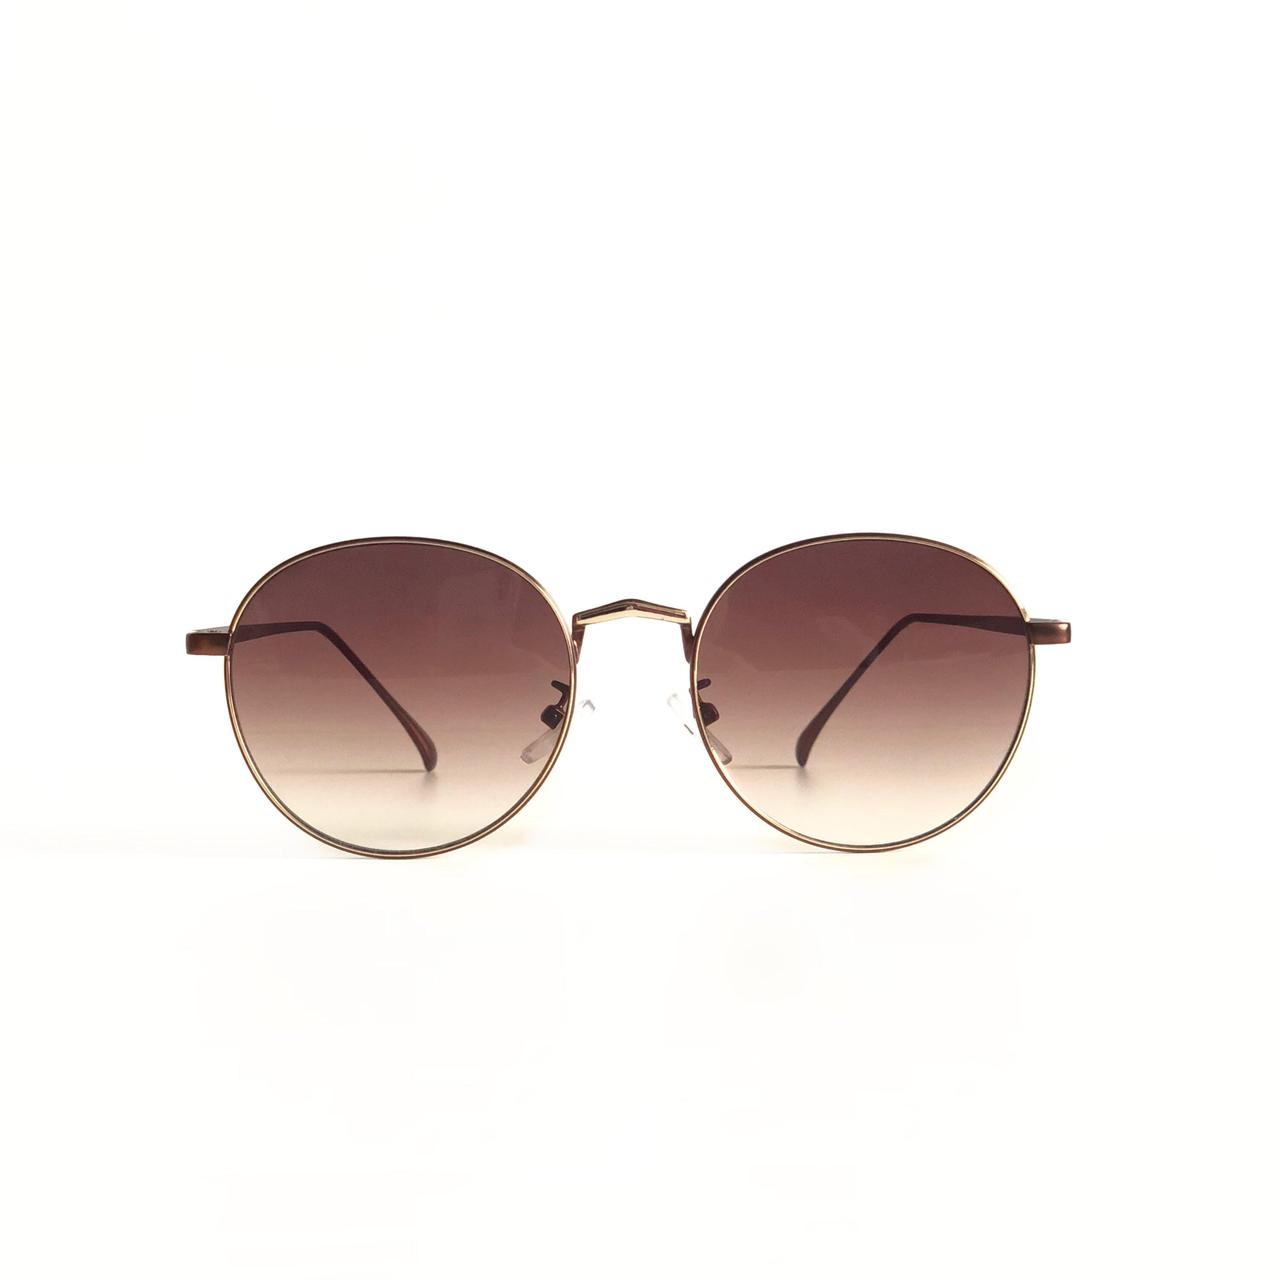 4abccc6ad5b2 Женские круглые солнцезащитные очки в медной оправе с коричневыми линзами